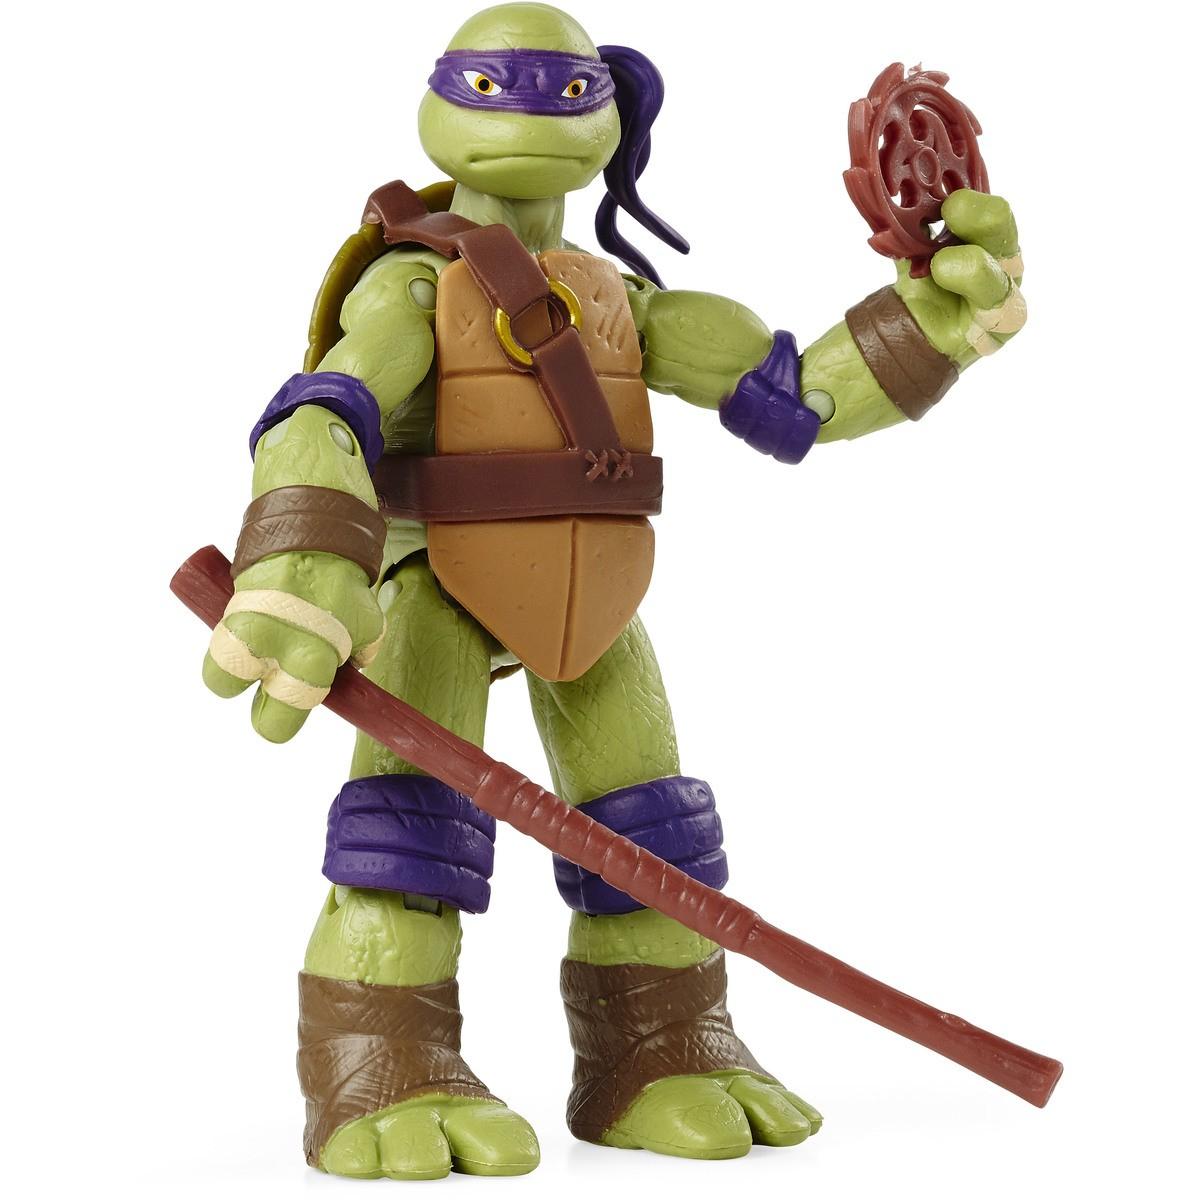 teenage mutant ninja turtles basic figure - assorted* | big w